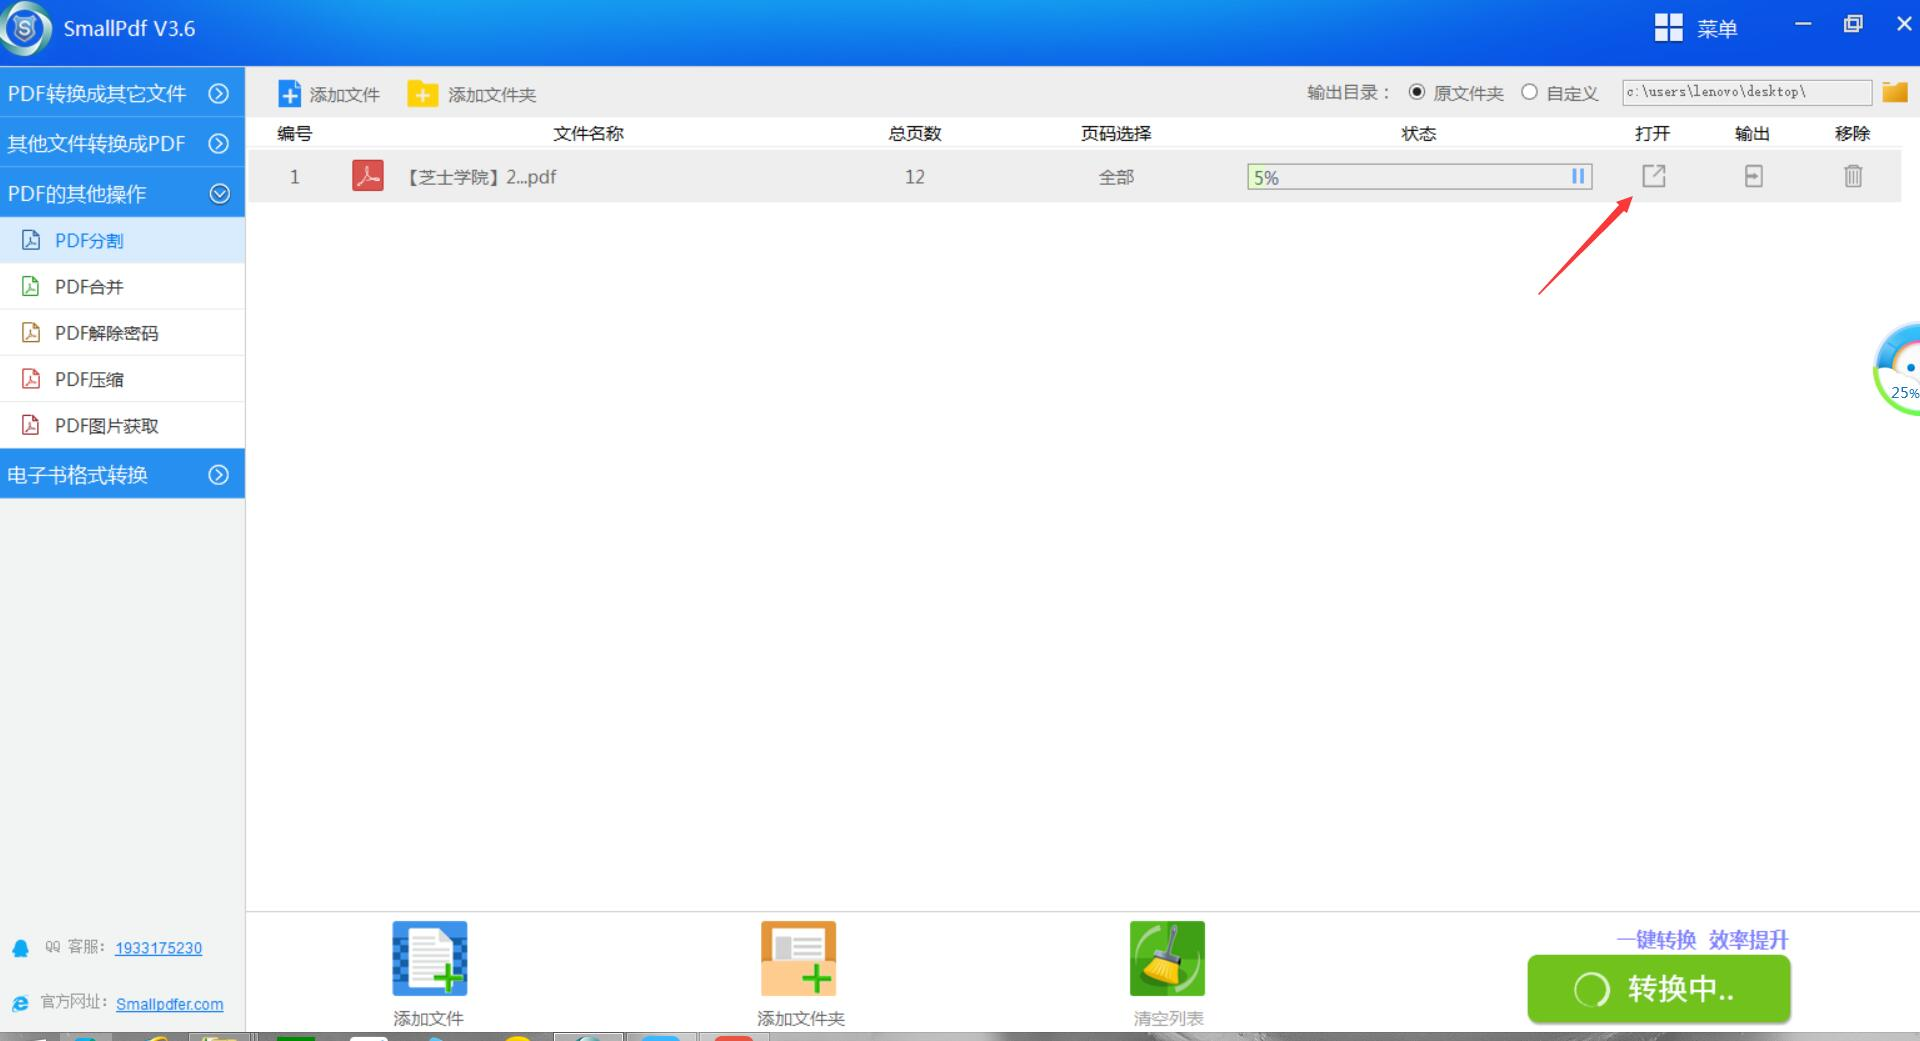 Small PDF转换成图片软件的PDF拆分操作-2